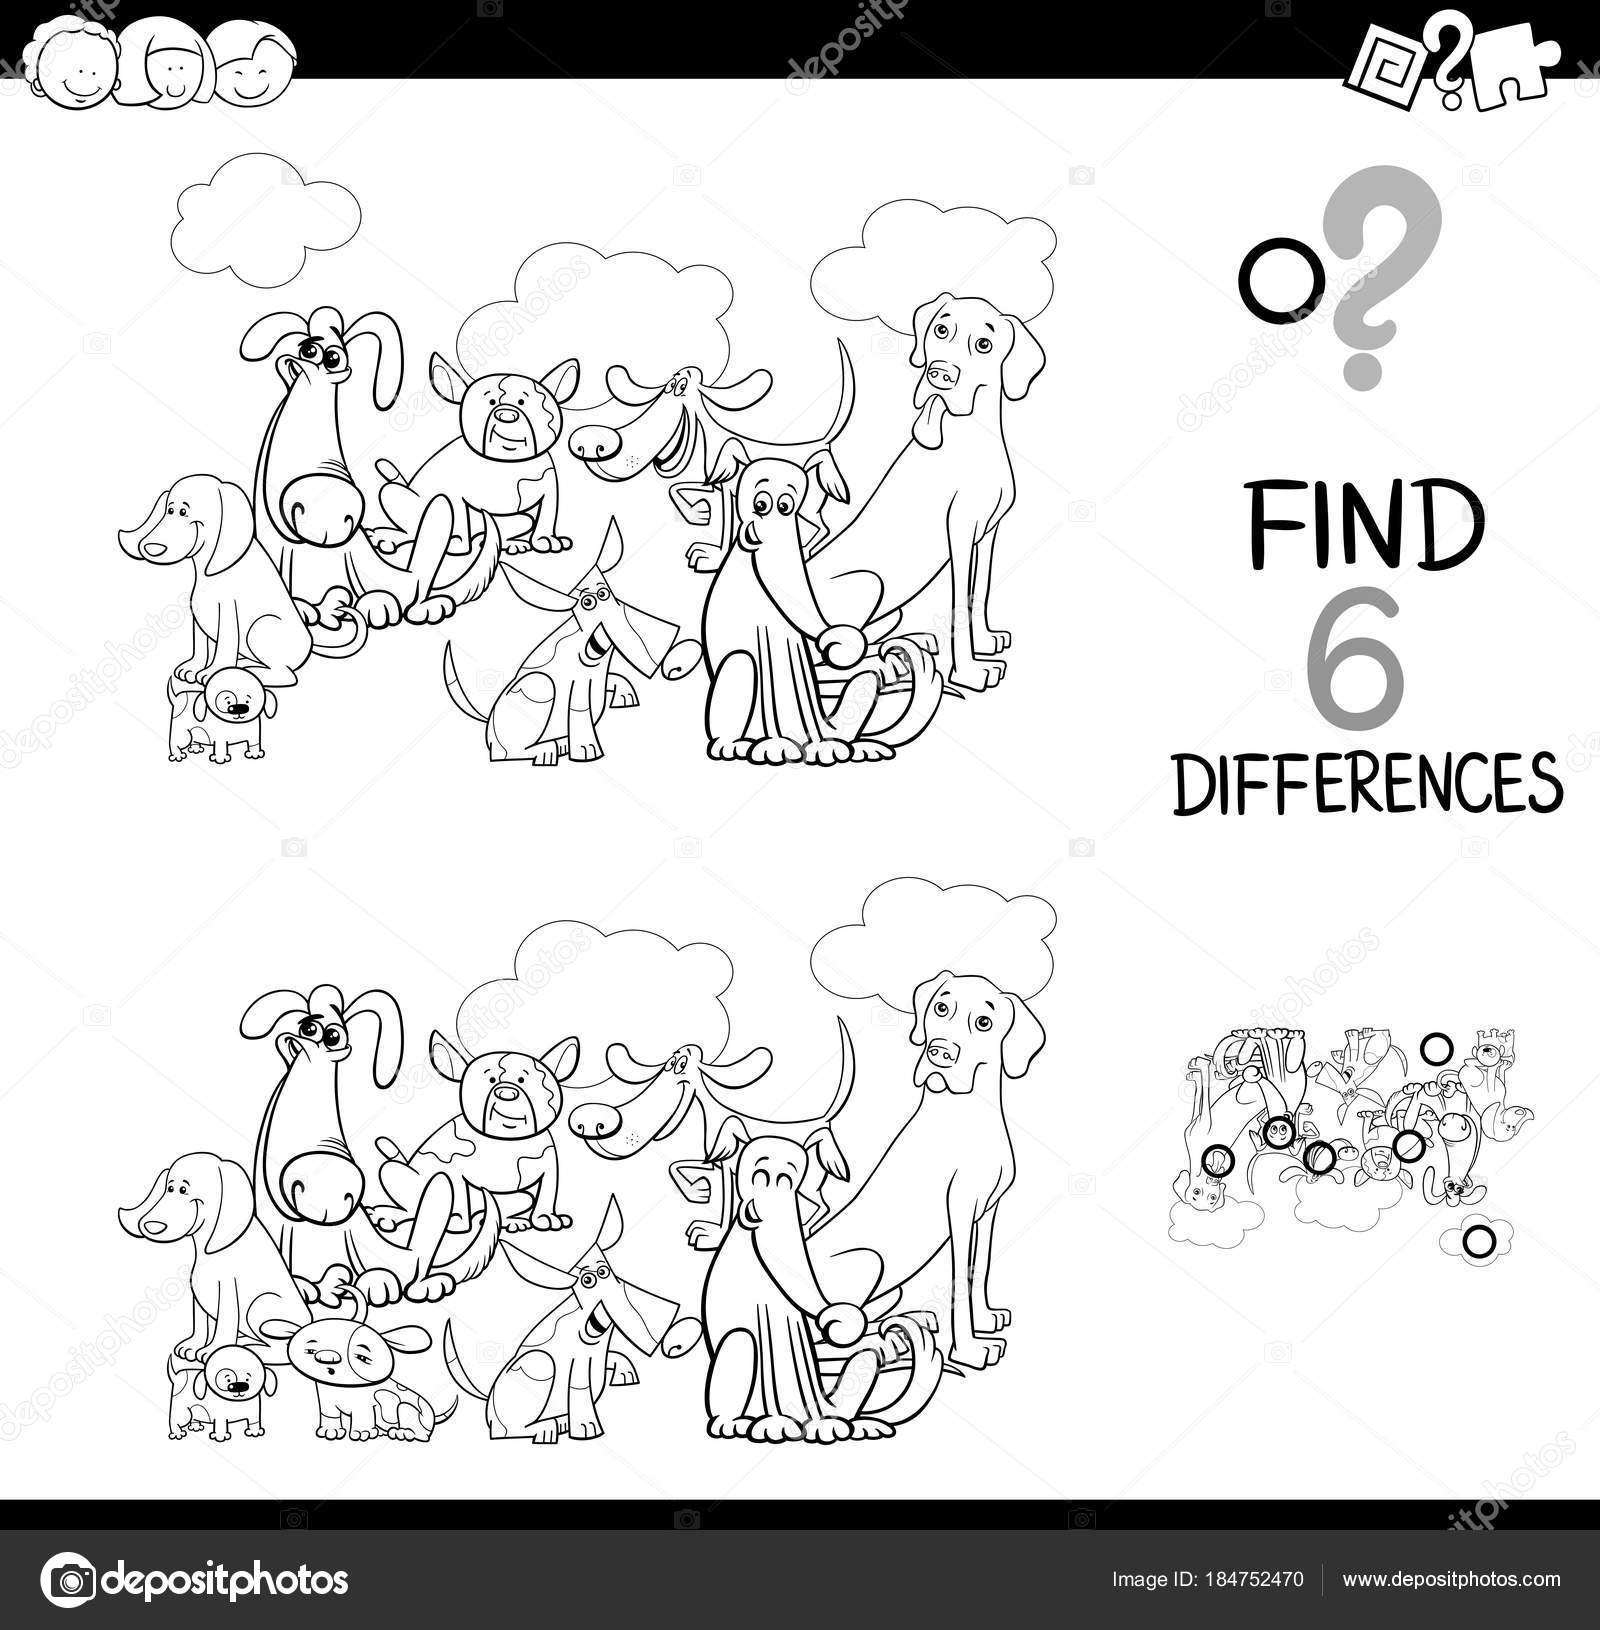 Dieren Kleurplaten Zoeken.Differences Spel Met Honden Dieren Kleurplaten Boek Stockvector